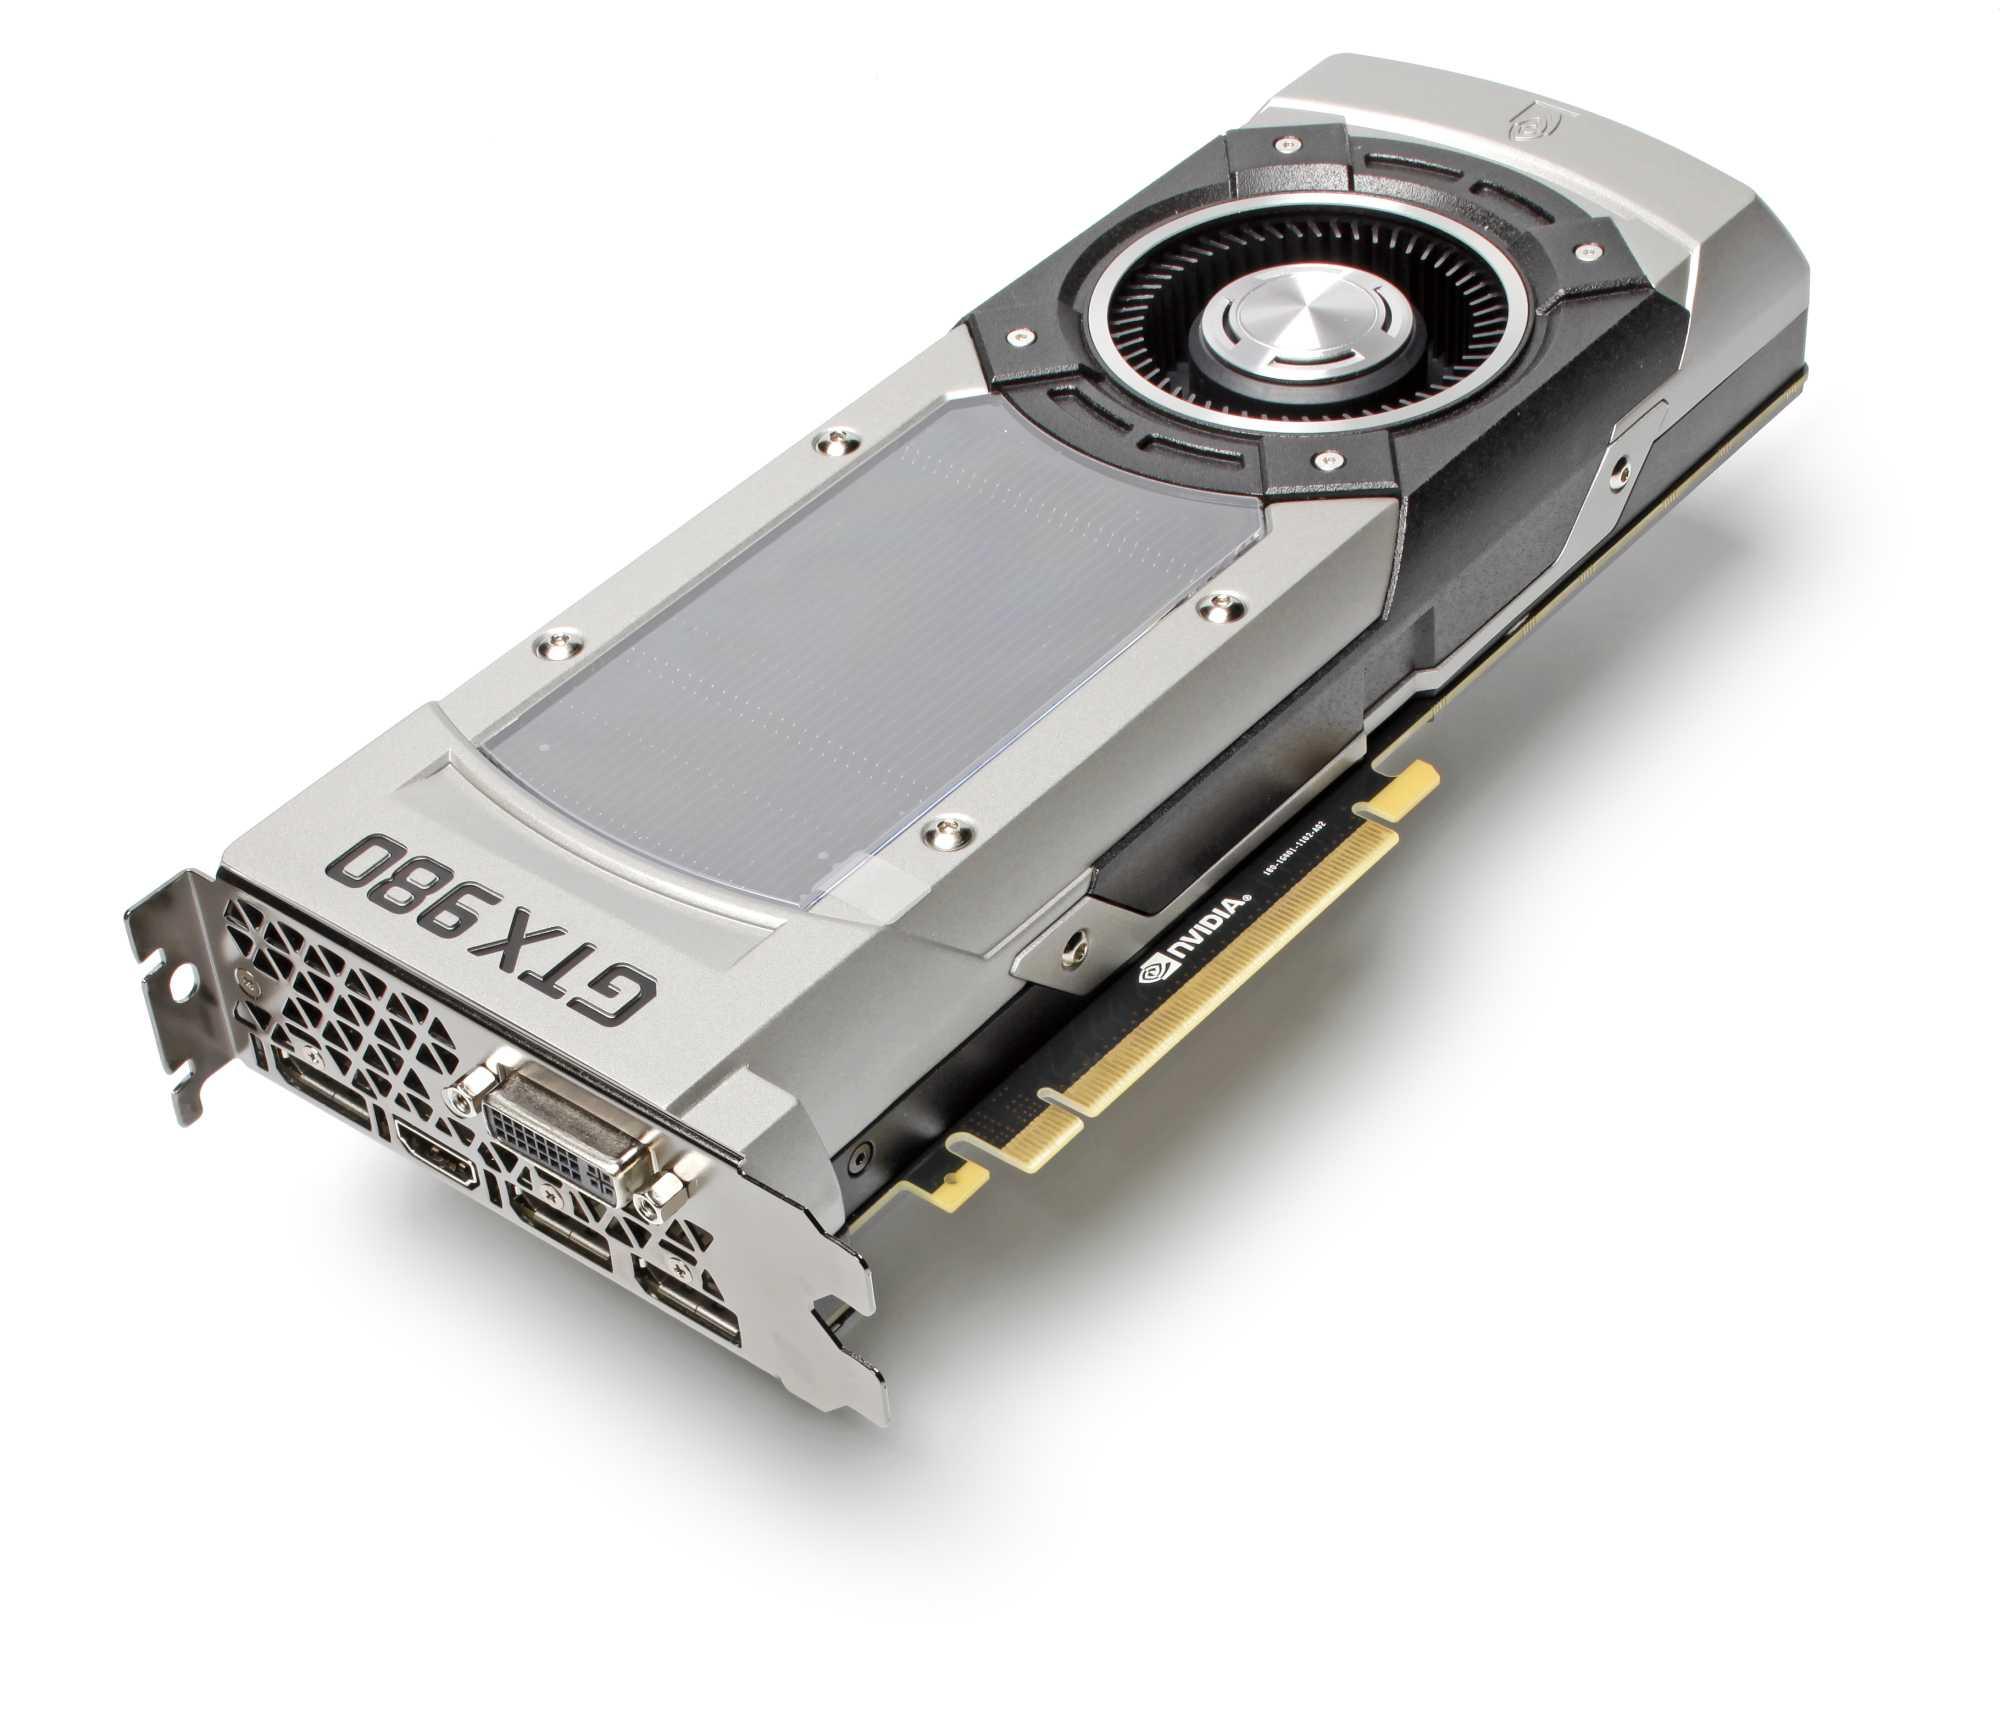 Die GeForce GTX 980: Massig 3D-Leistung und hohe Effizienz.